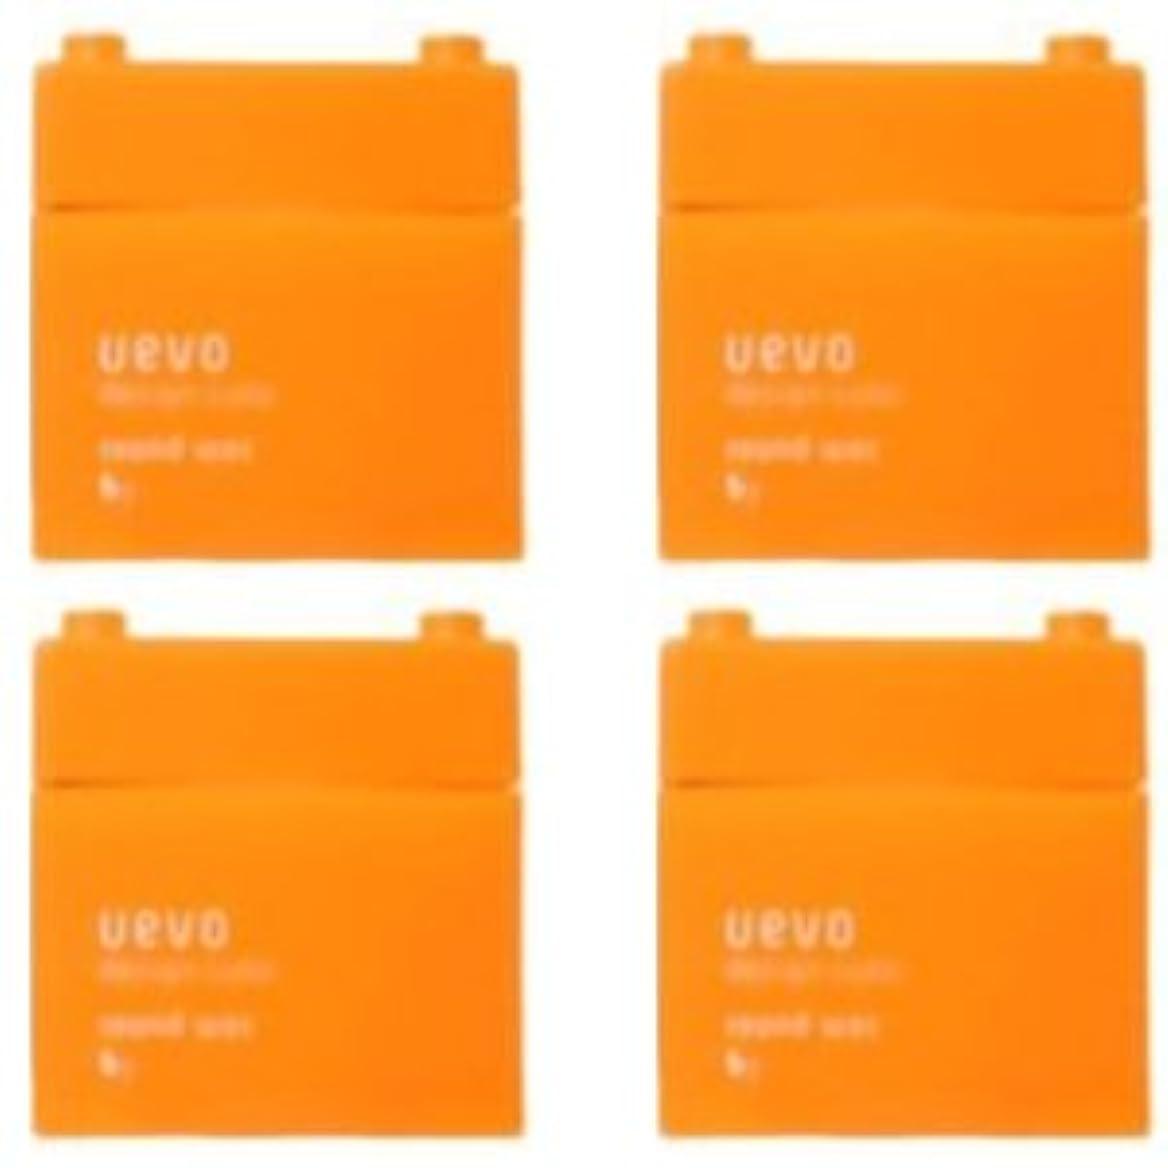 拷問育成から【X4個セット】 デミ ウェーボ デザインキューブ ラウンドワックス 80g round wax DEMI uevo design cube